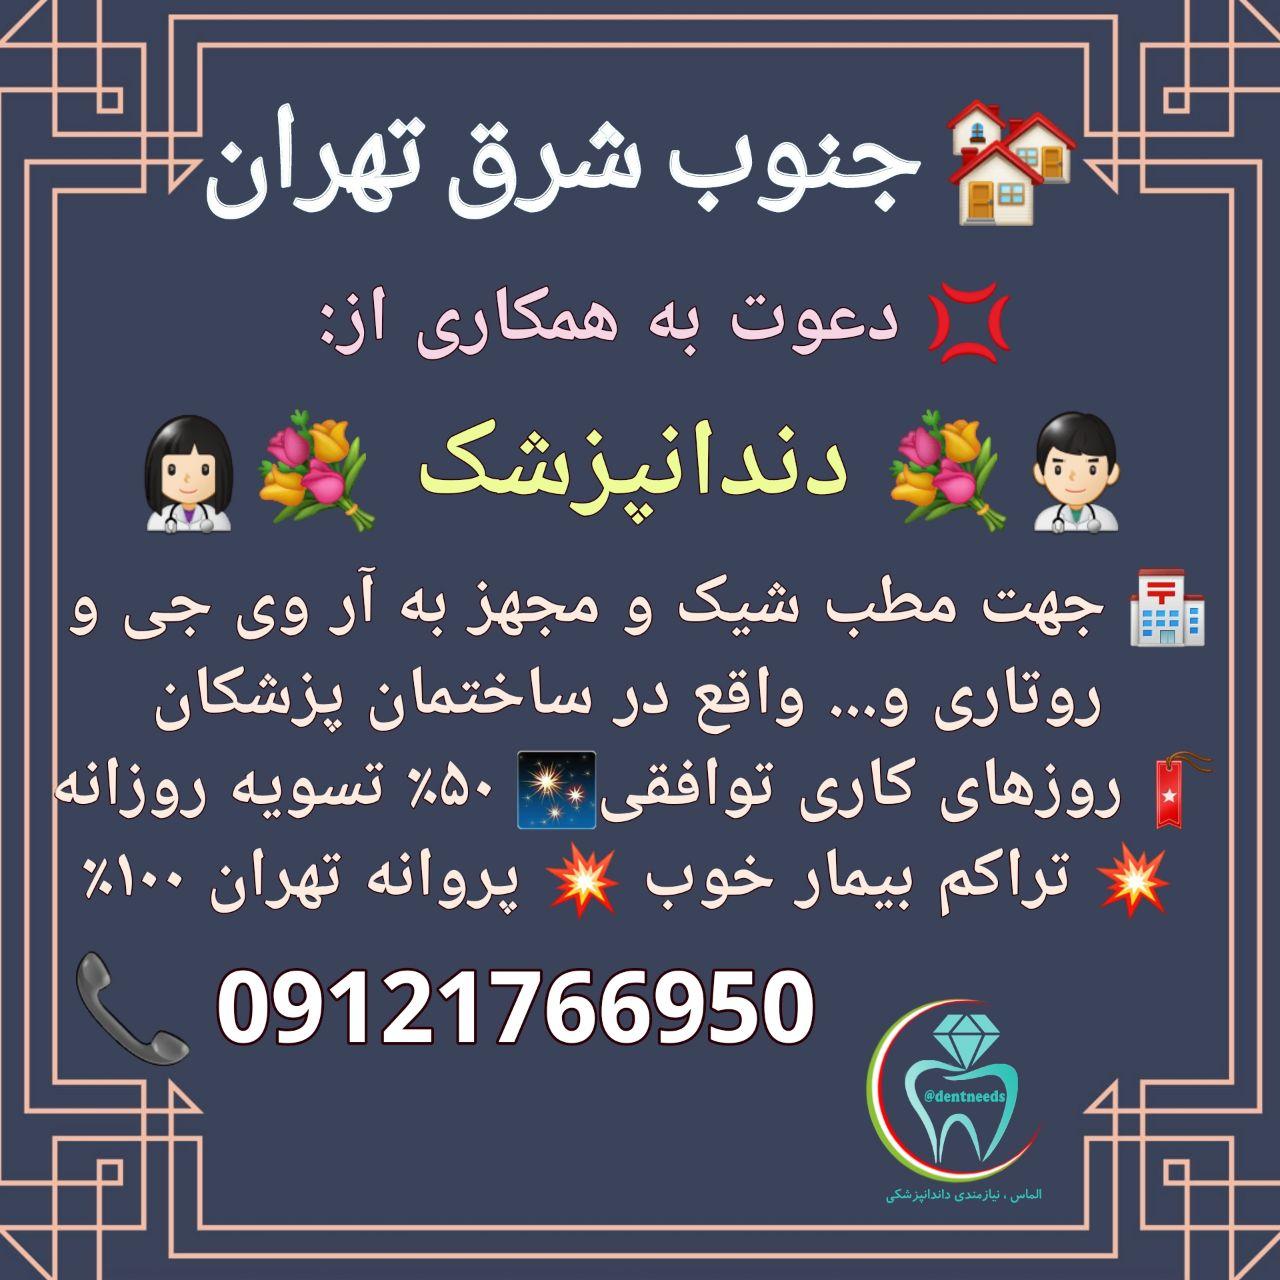 جنوب شرق تهران، دعوت به همکاری از دندانپزشک